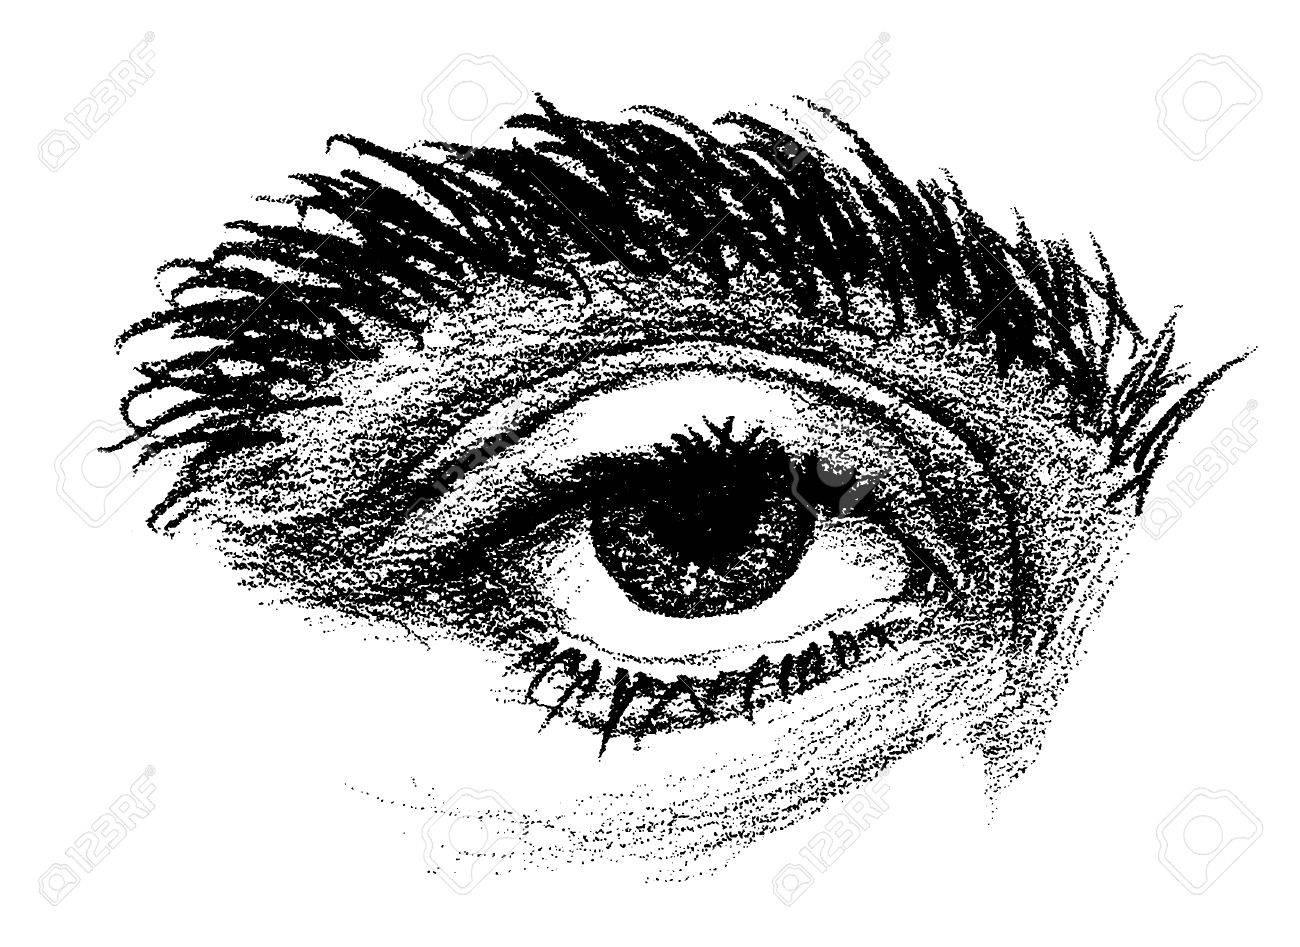 Dessin Au Crayon D Un Oeil Avec Des Sourcils épais Et Lourde Paupière